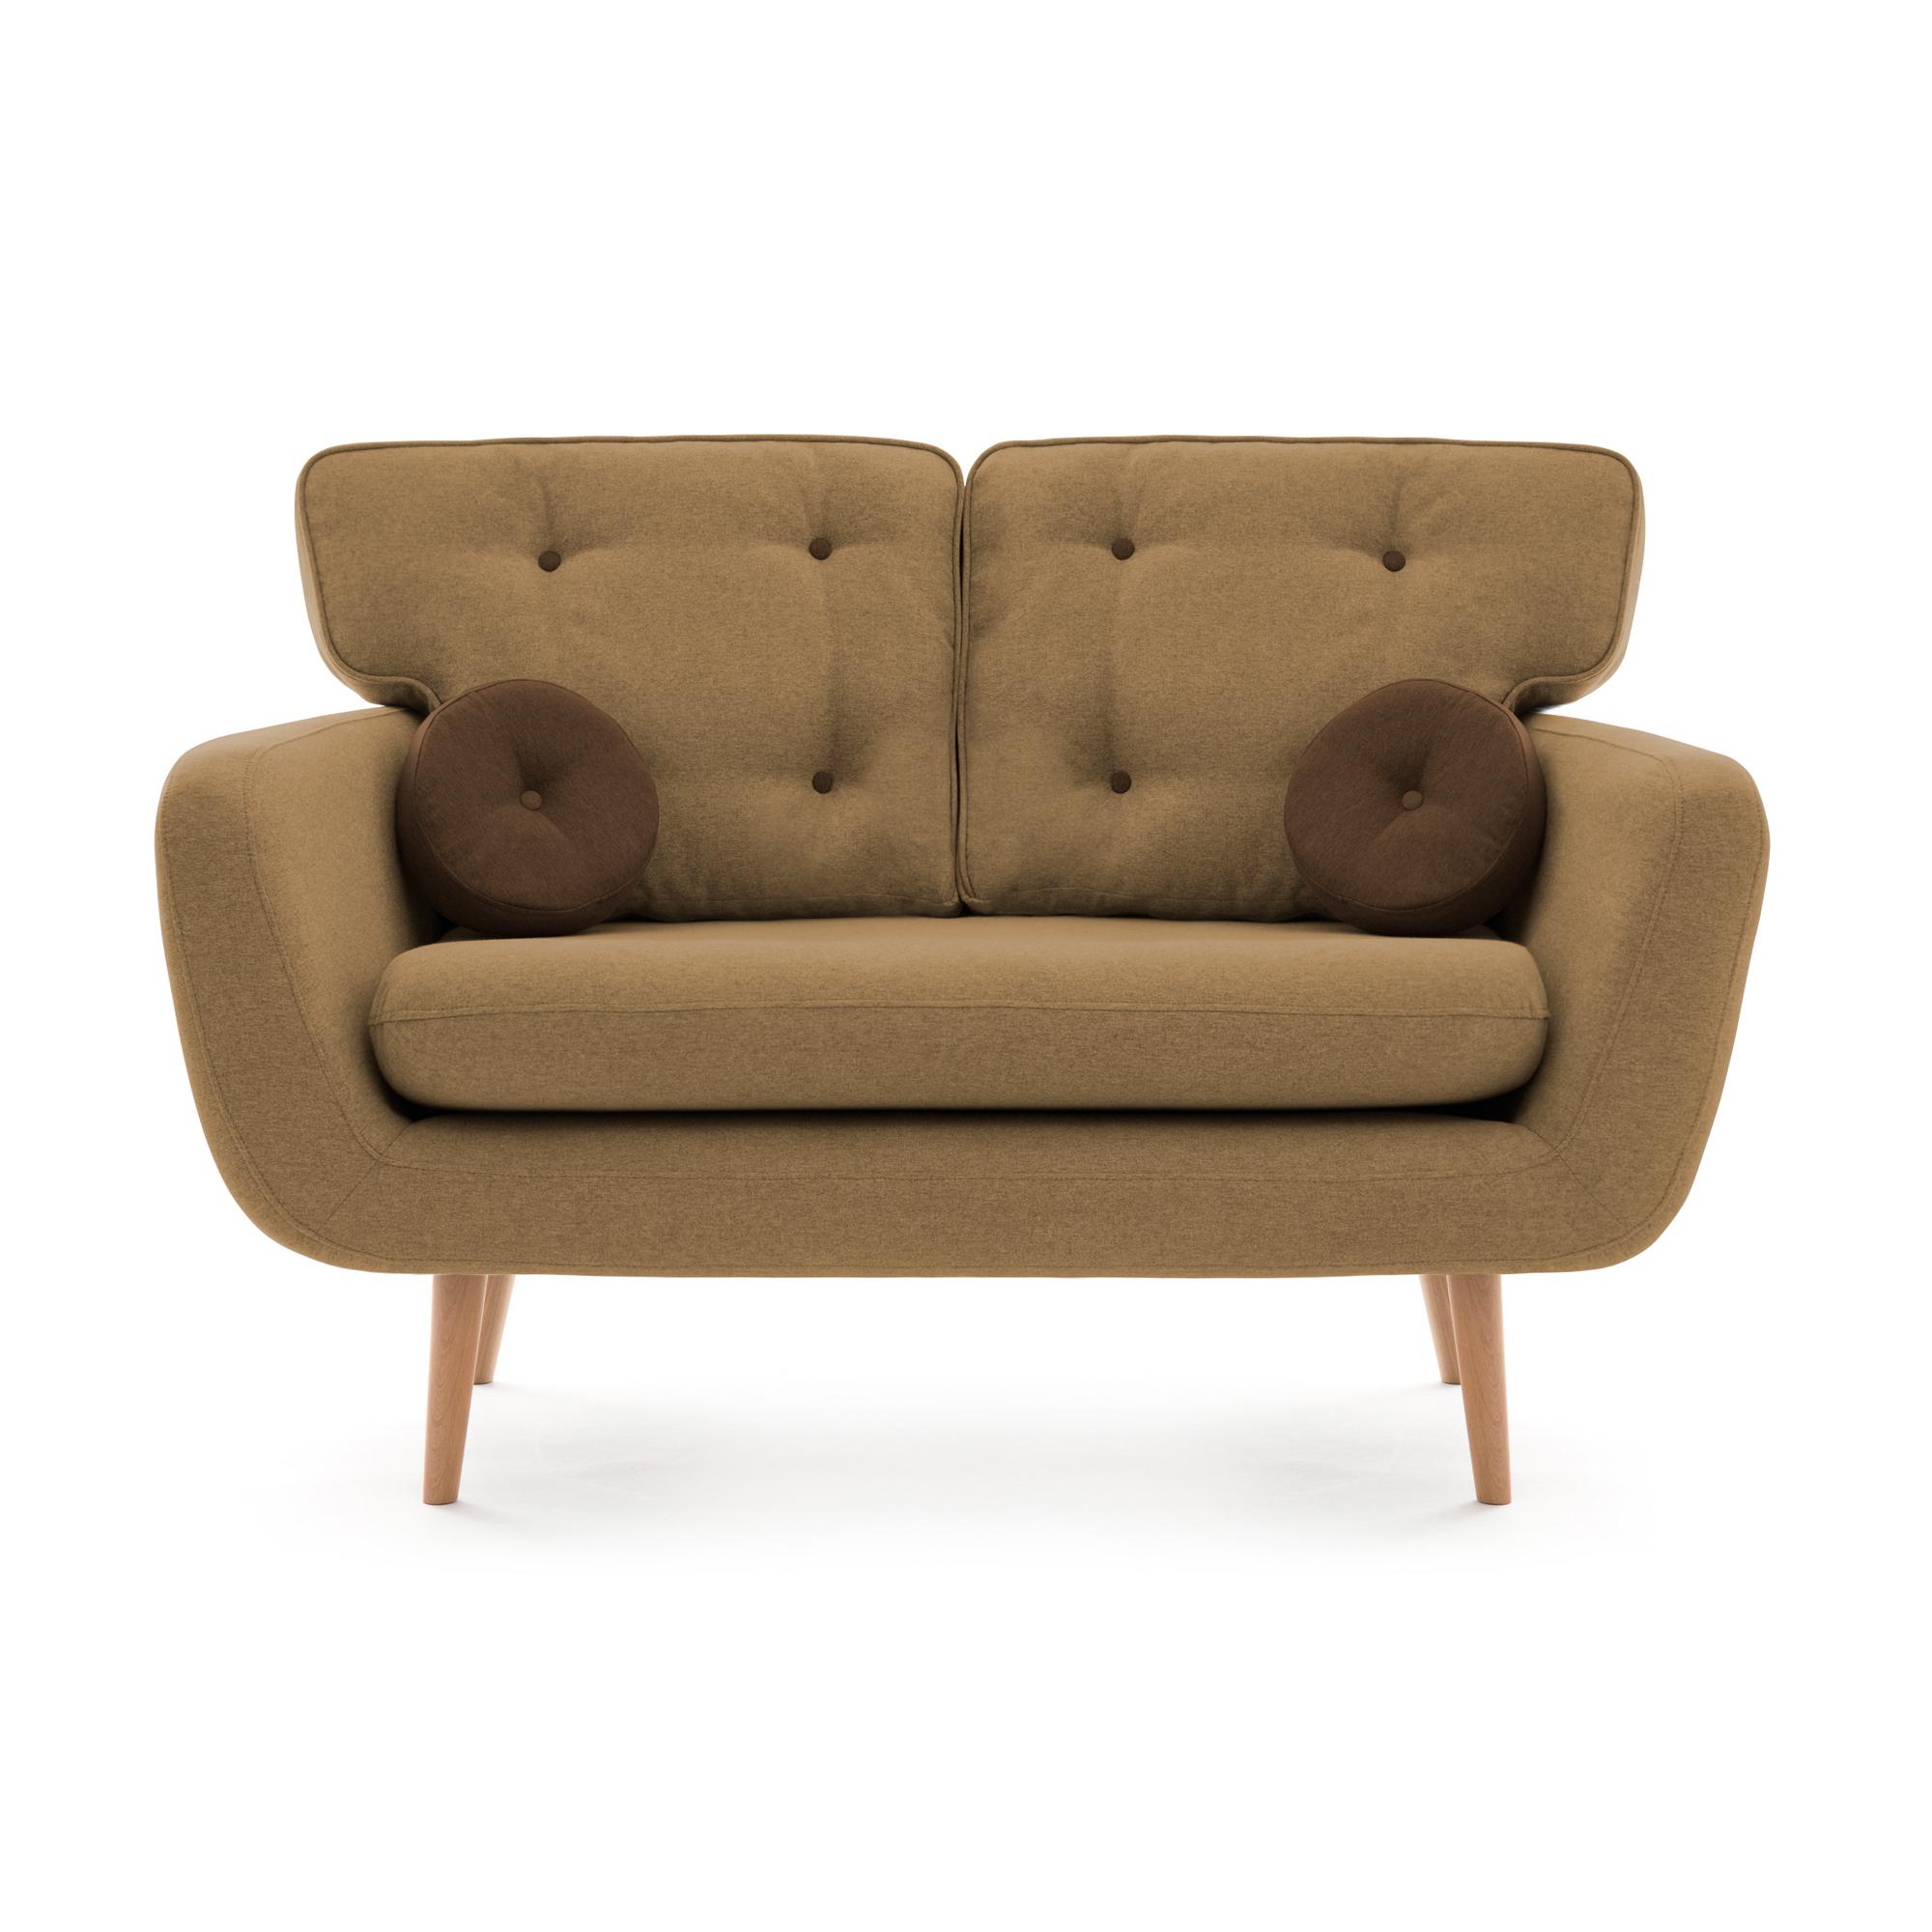 Canapea Fixa 2 locuri Malva Sand Brown